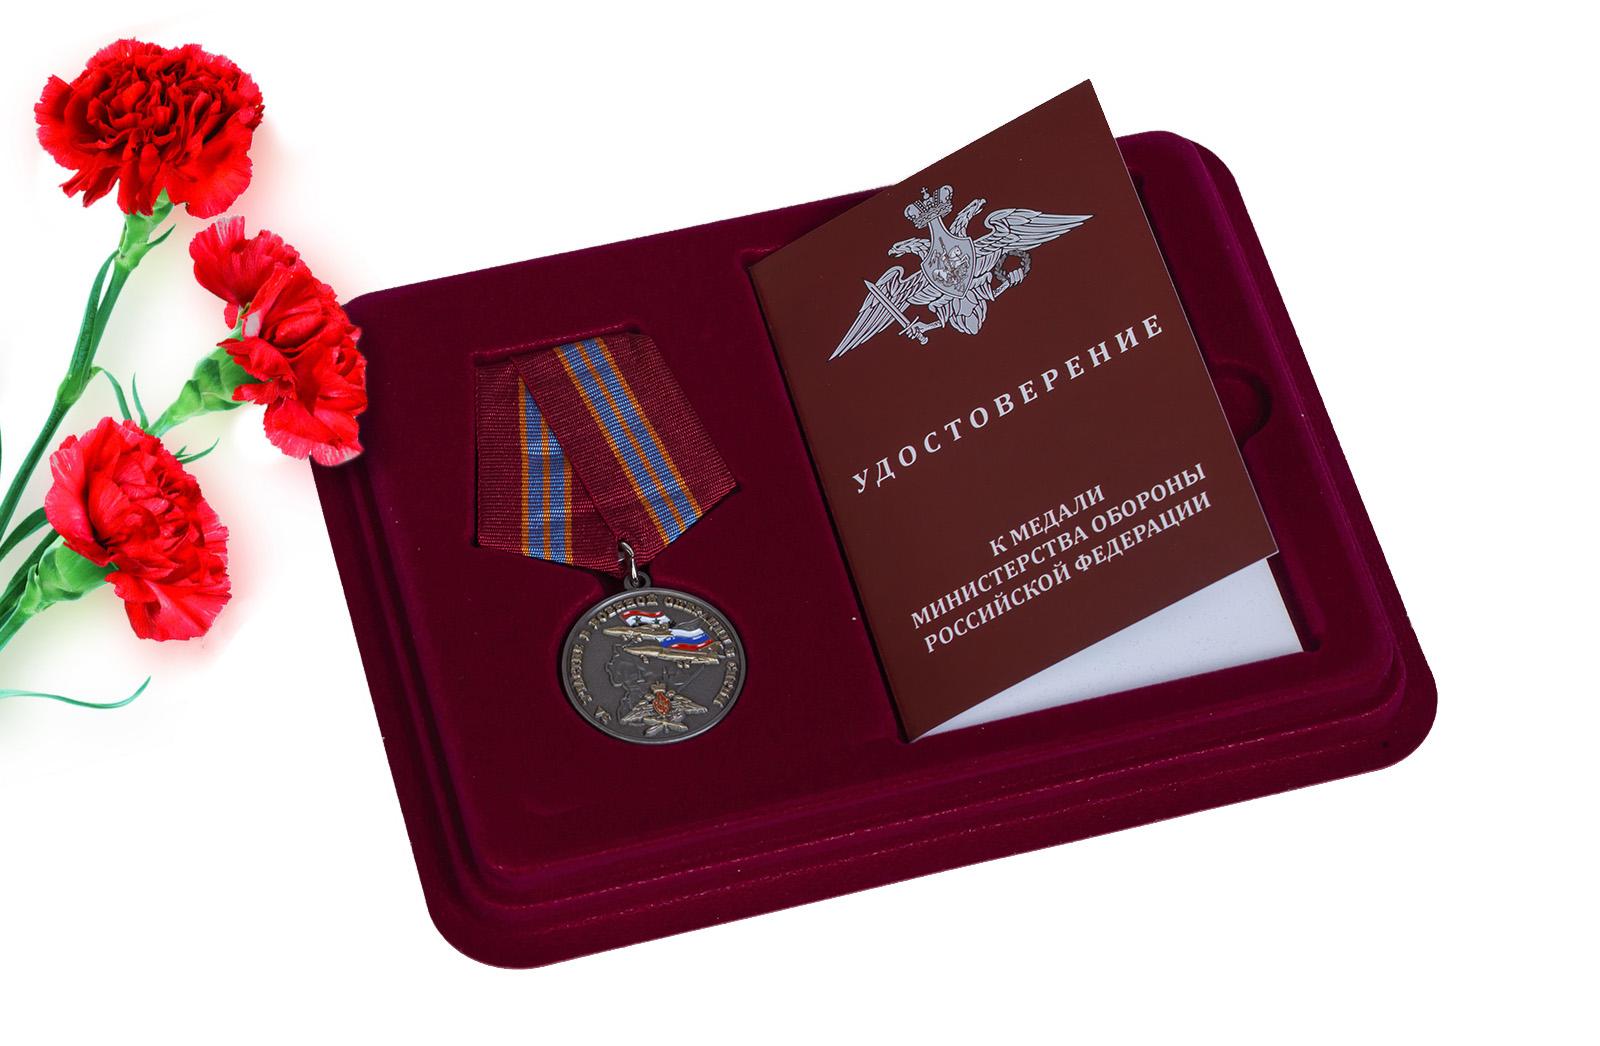 Купить памятную медаль За участие в военной операции в Сирии с доставкой в ваш город